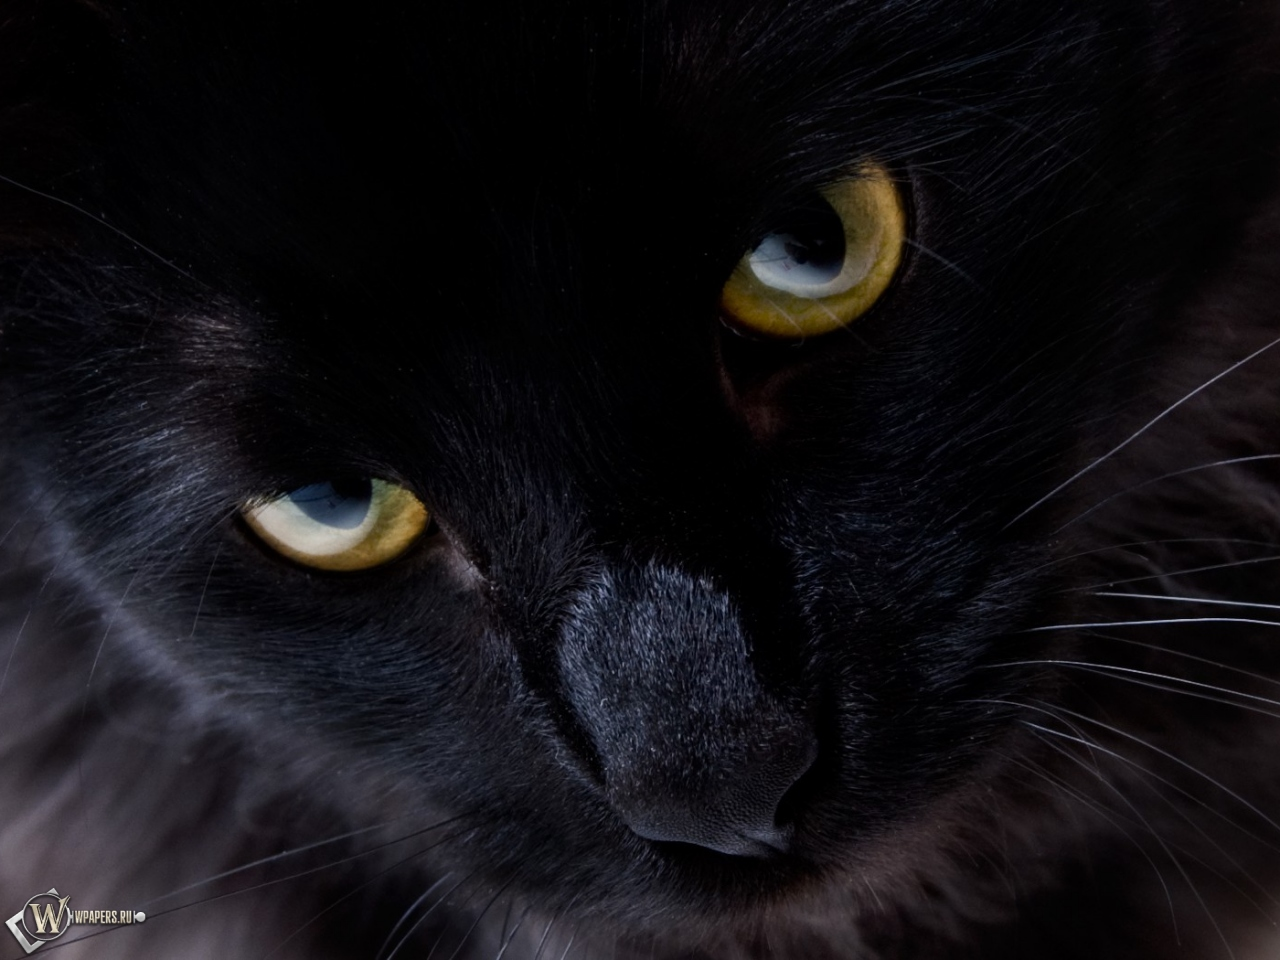 Обои для рабочего стола глаза кошки